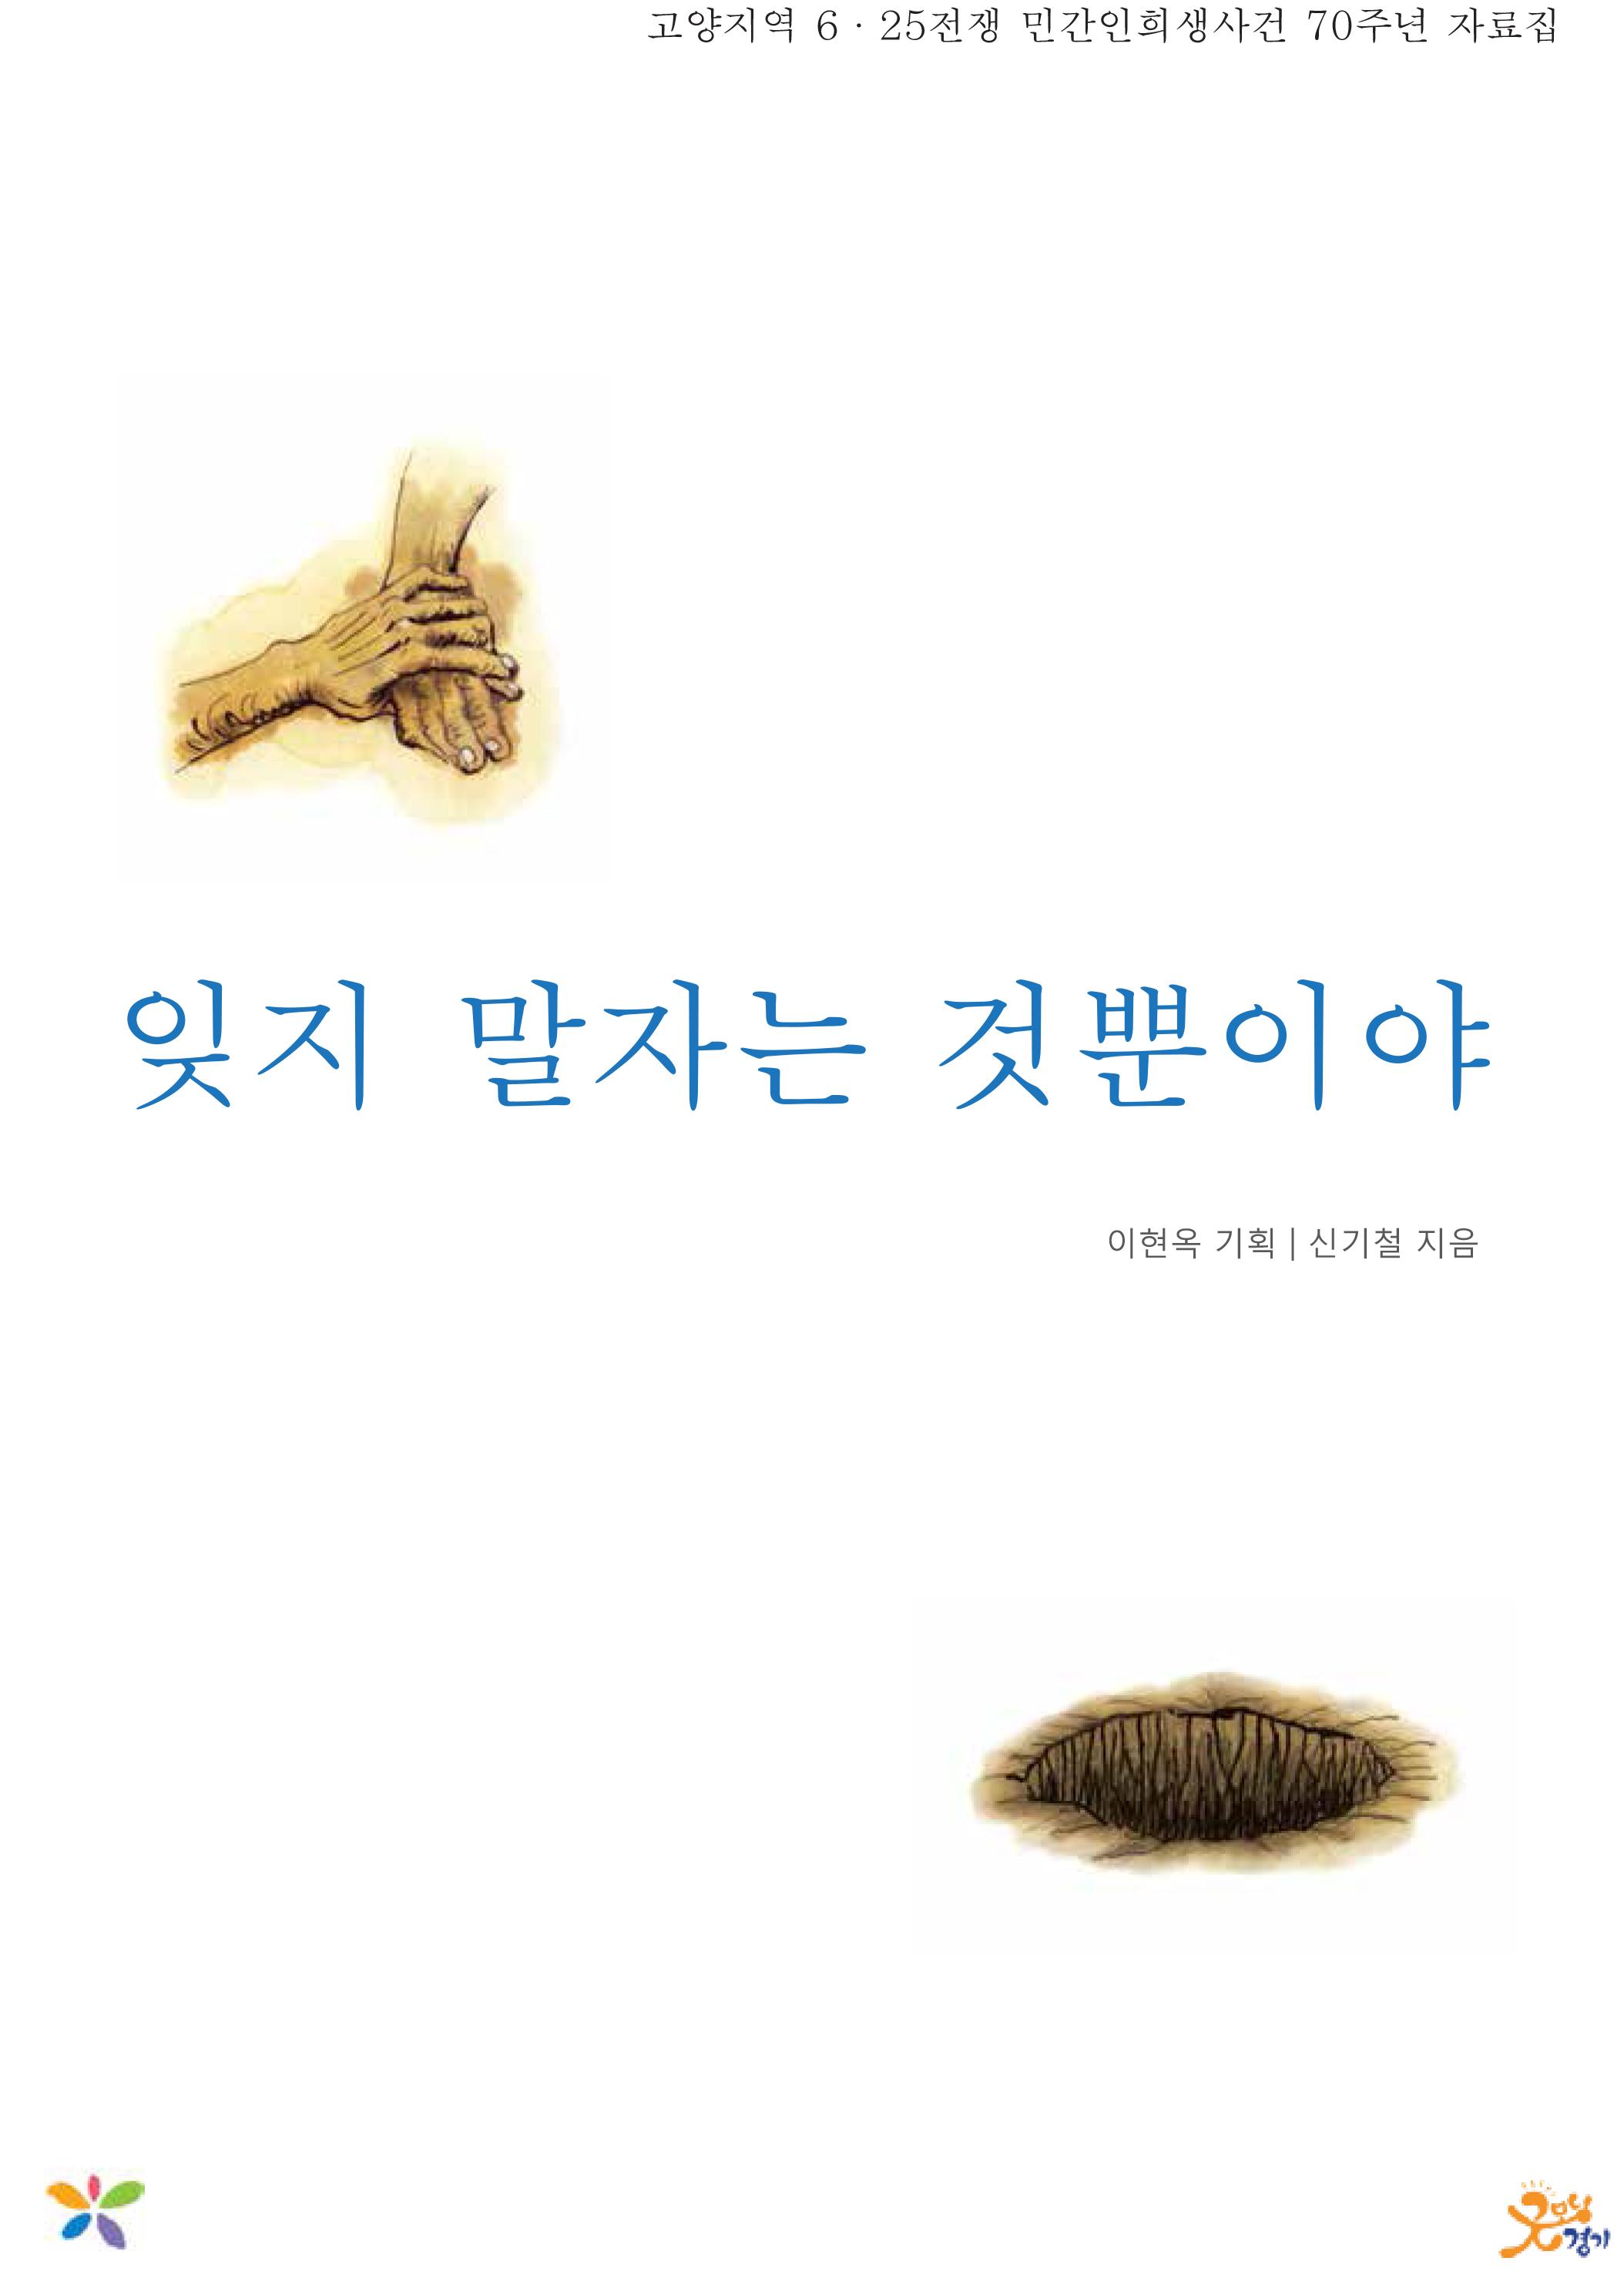 표지_2020금정굴_s.jpg